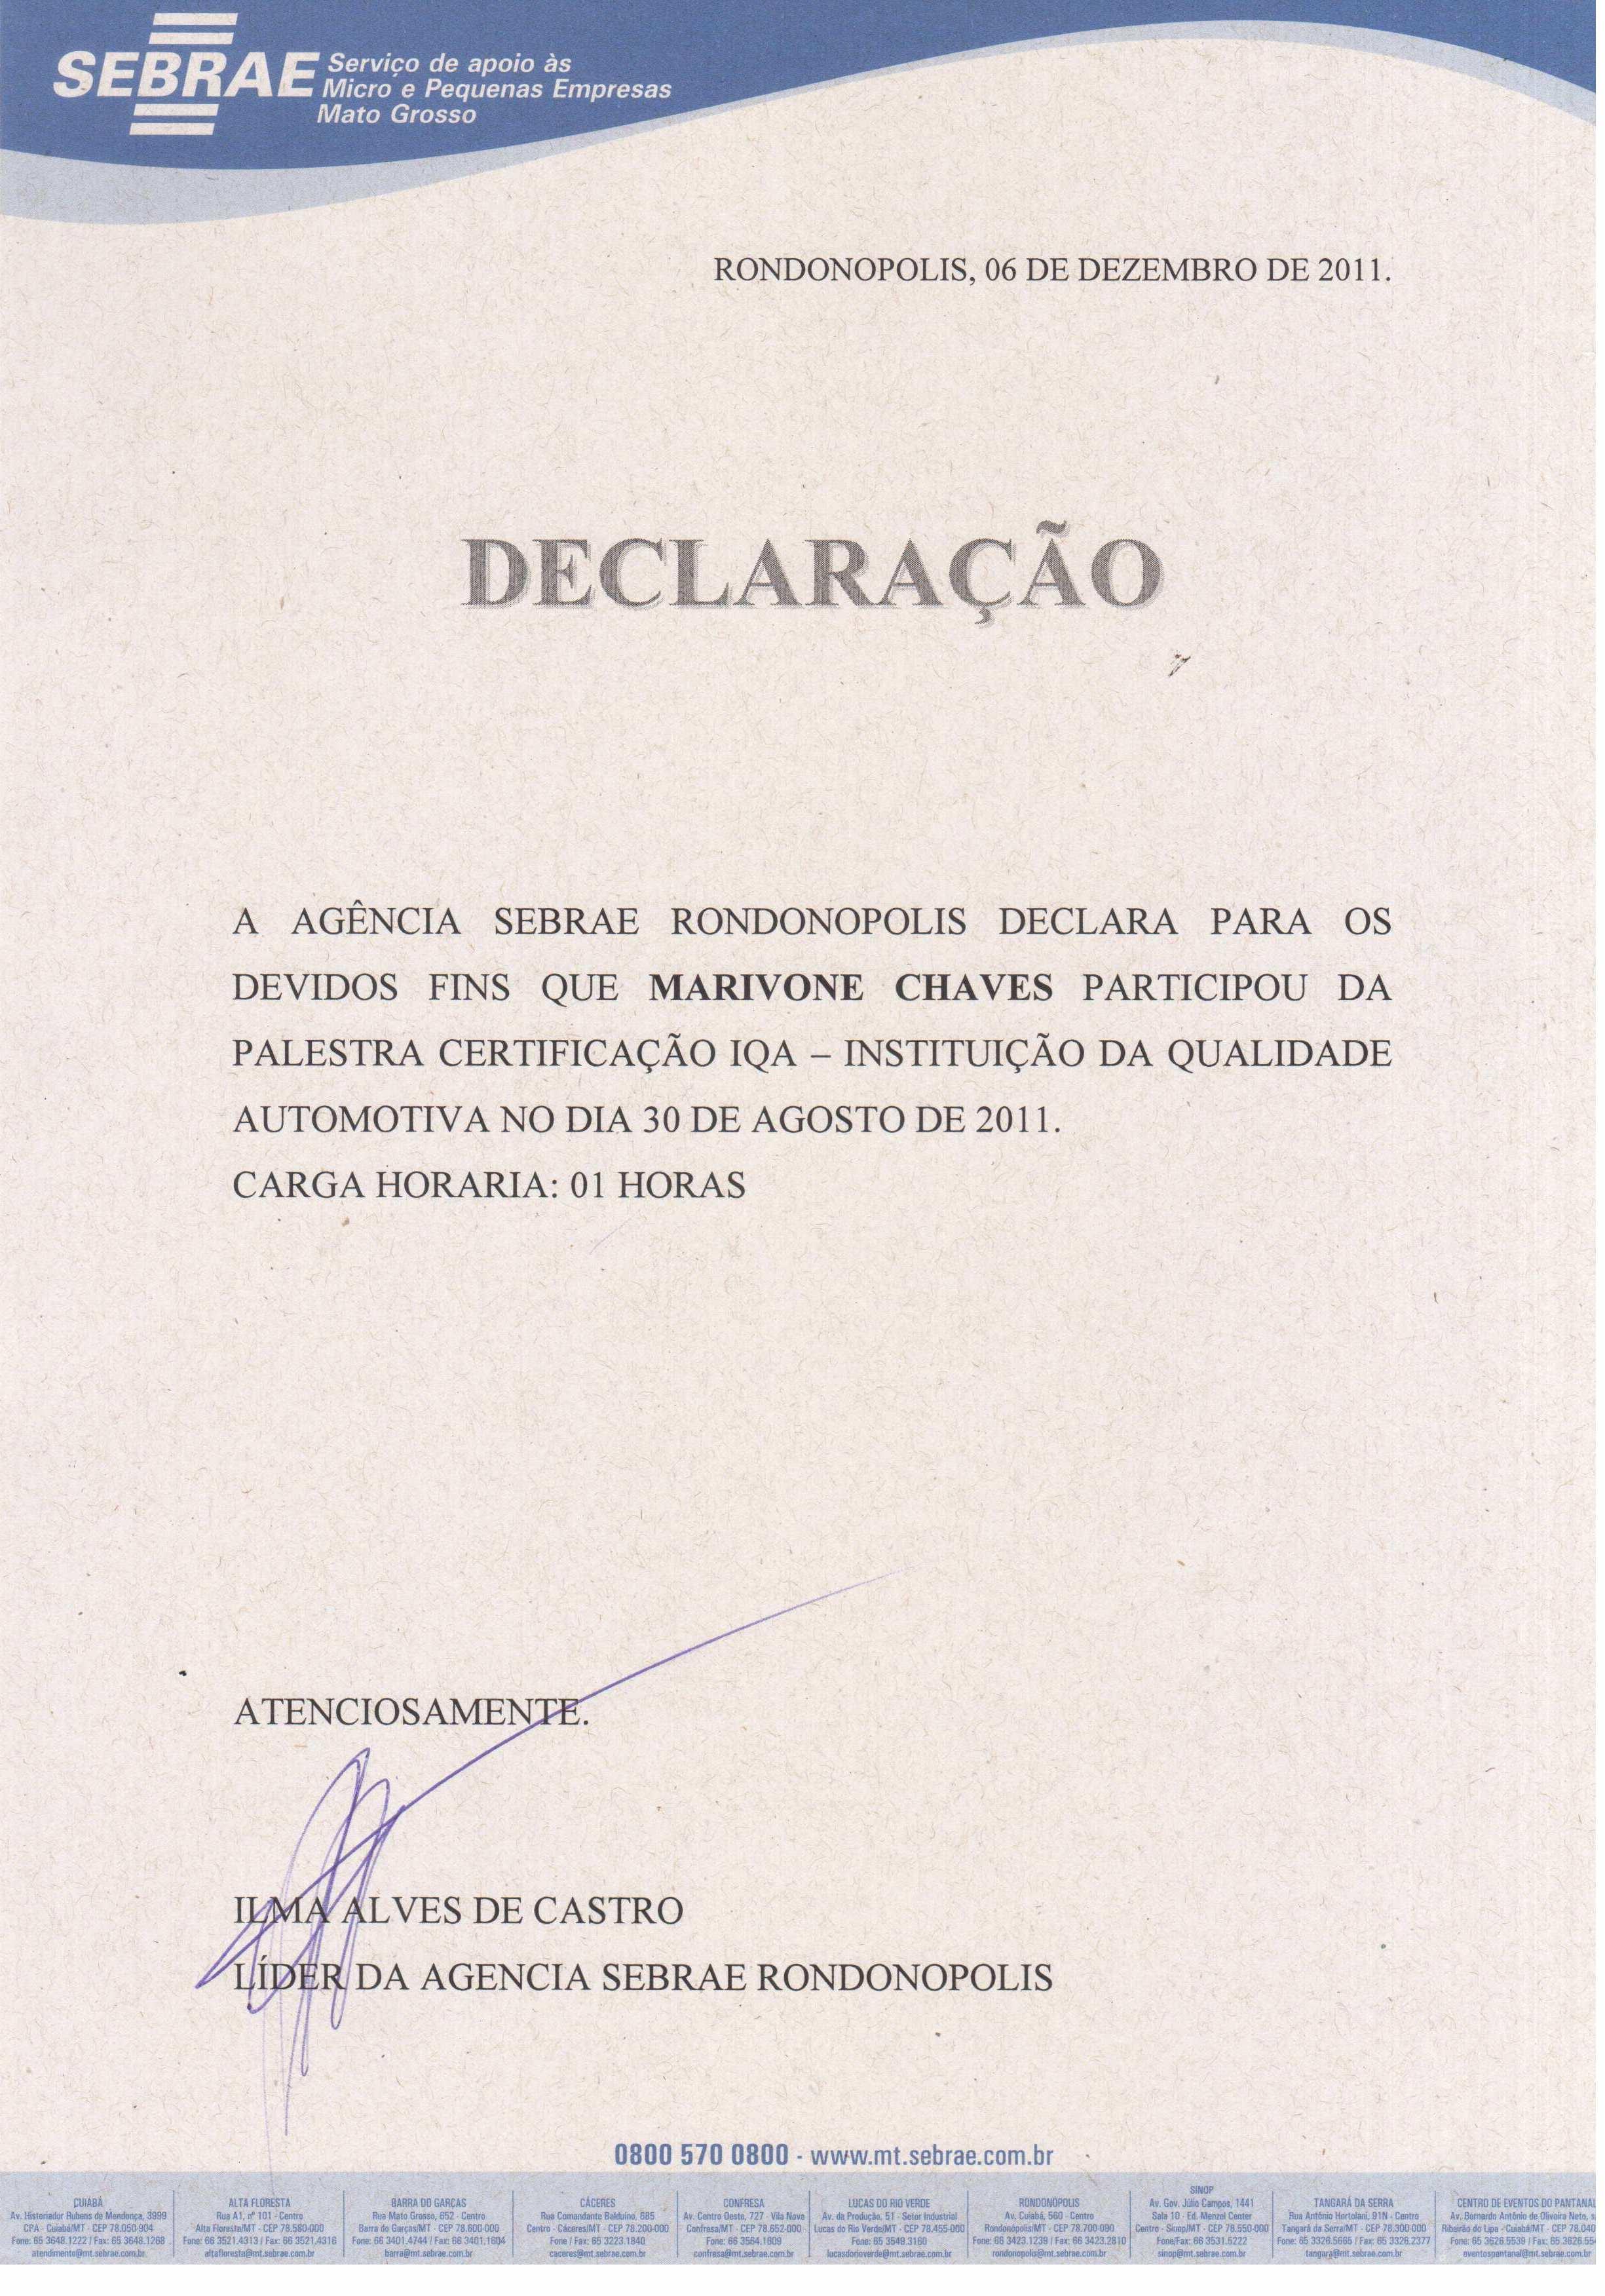 Certificação IQA - Instituto da Qualidade Automotiva